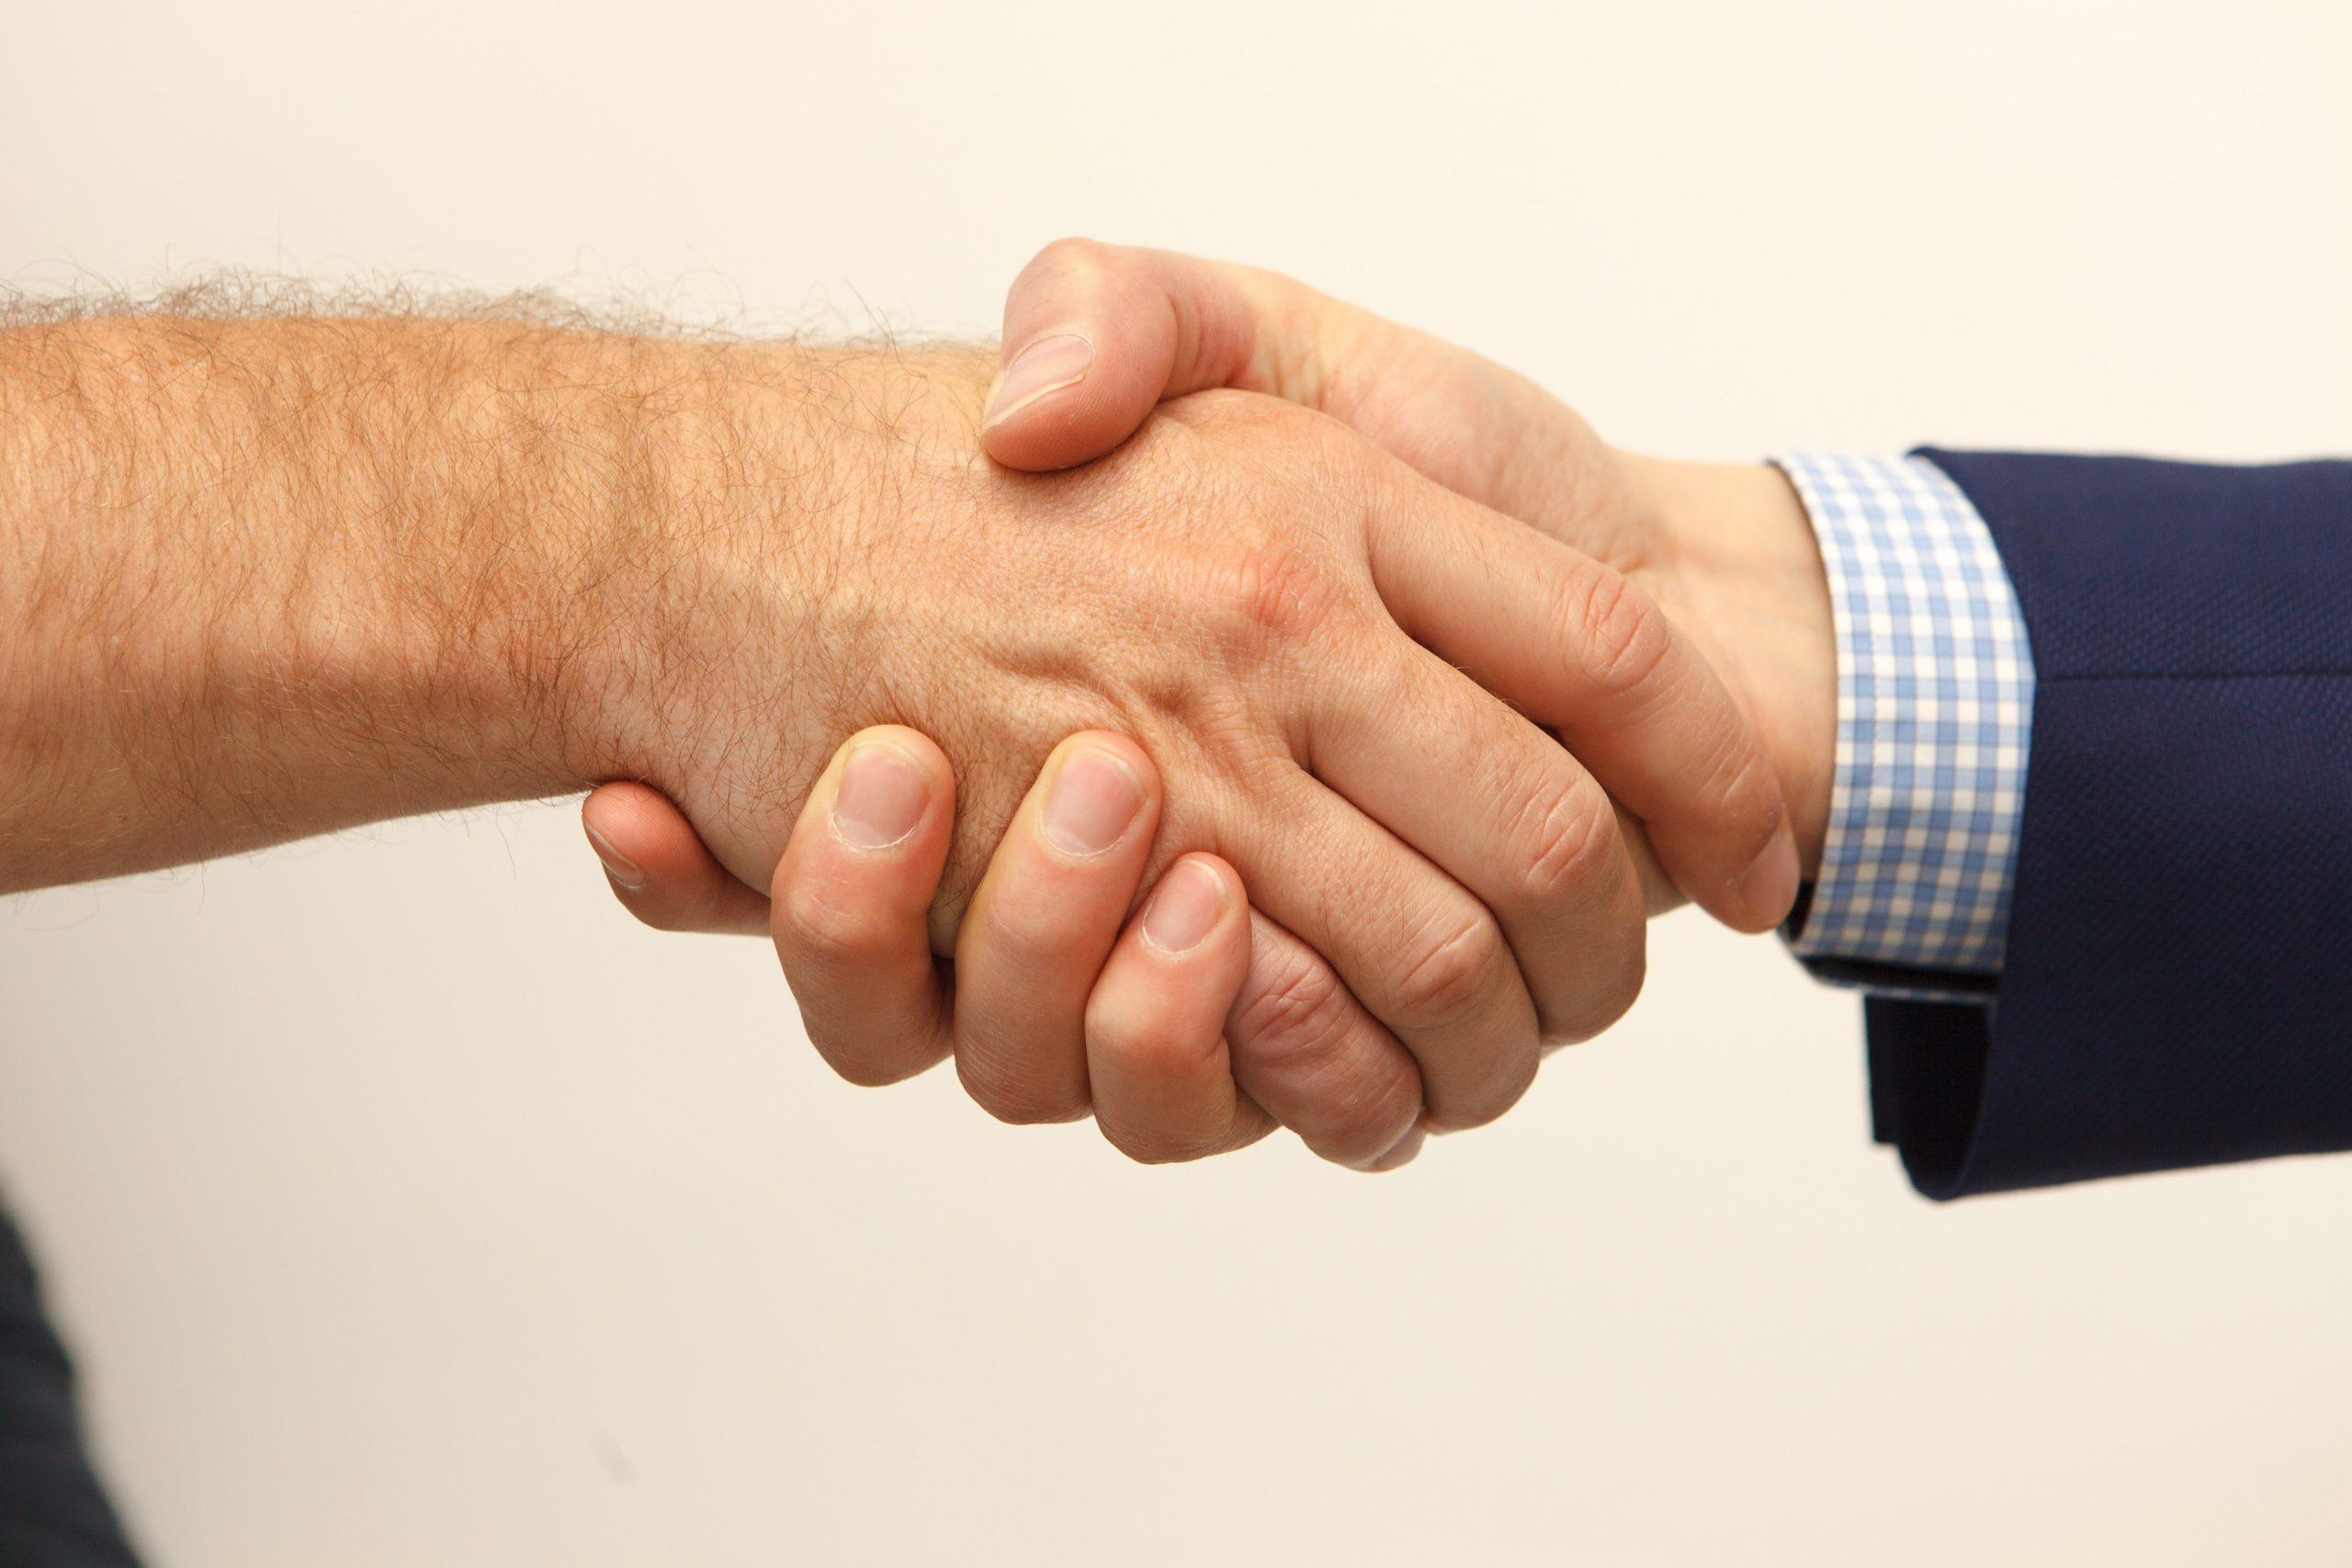 Hiệu lực của hợp đồng đặt cọc và hợp đồng chuyển nhượng có mối liên hệ như thế nào?